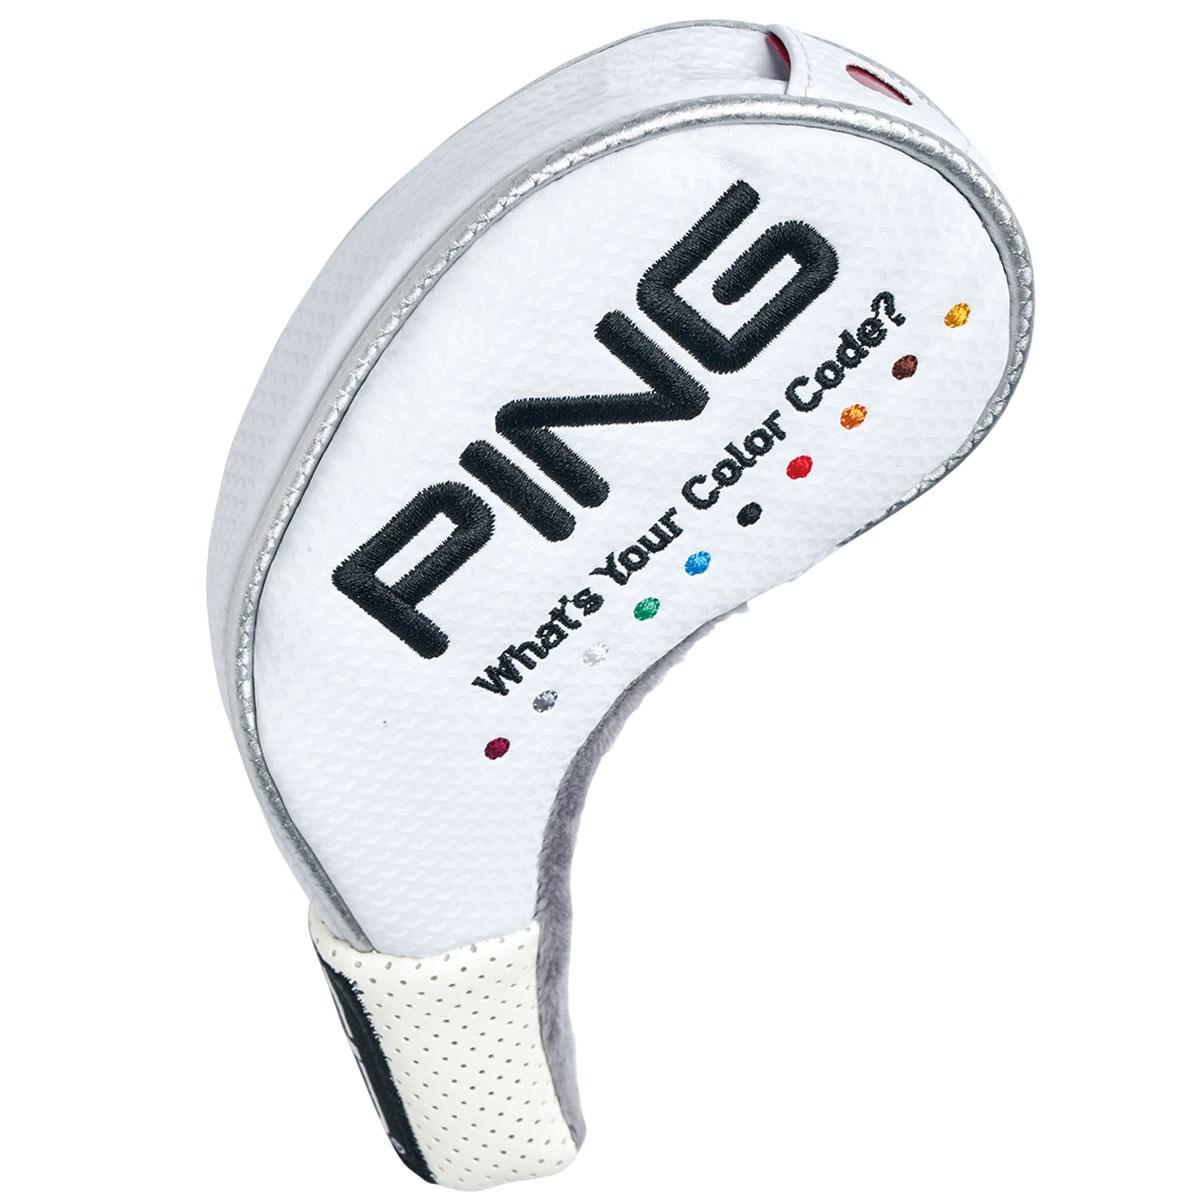 ピン PING カラーコード アイアンカバー8個セット ホワイト